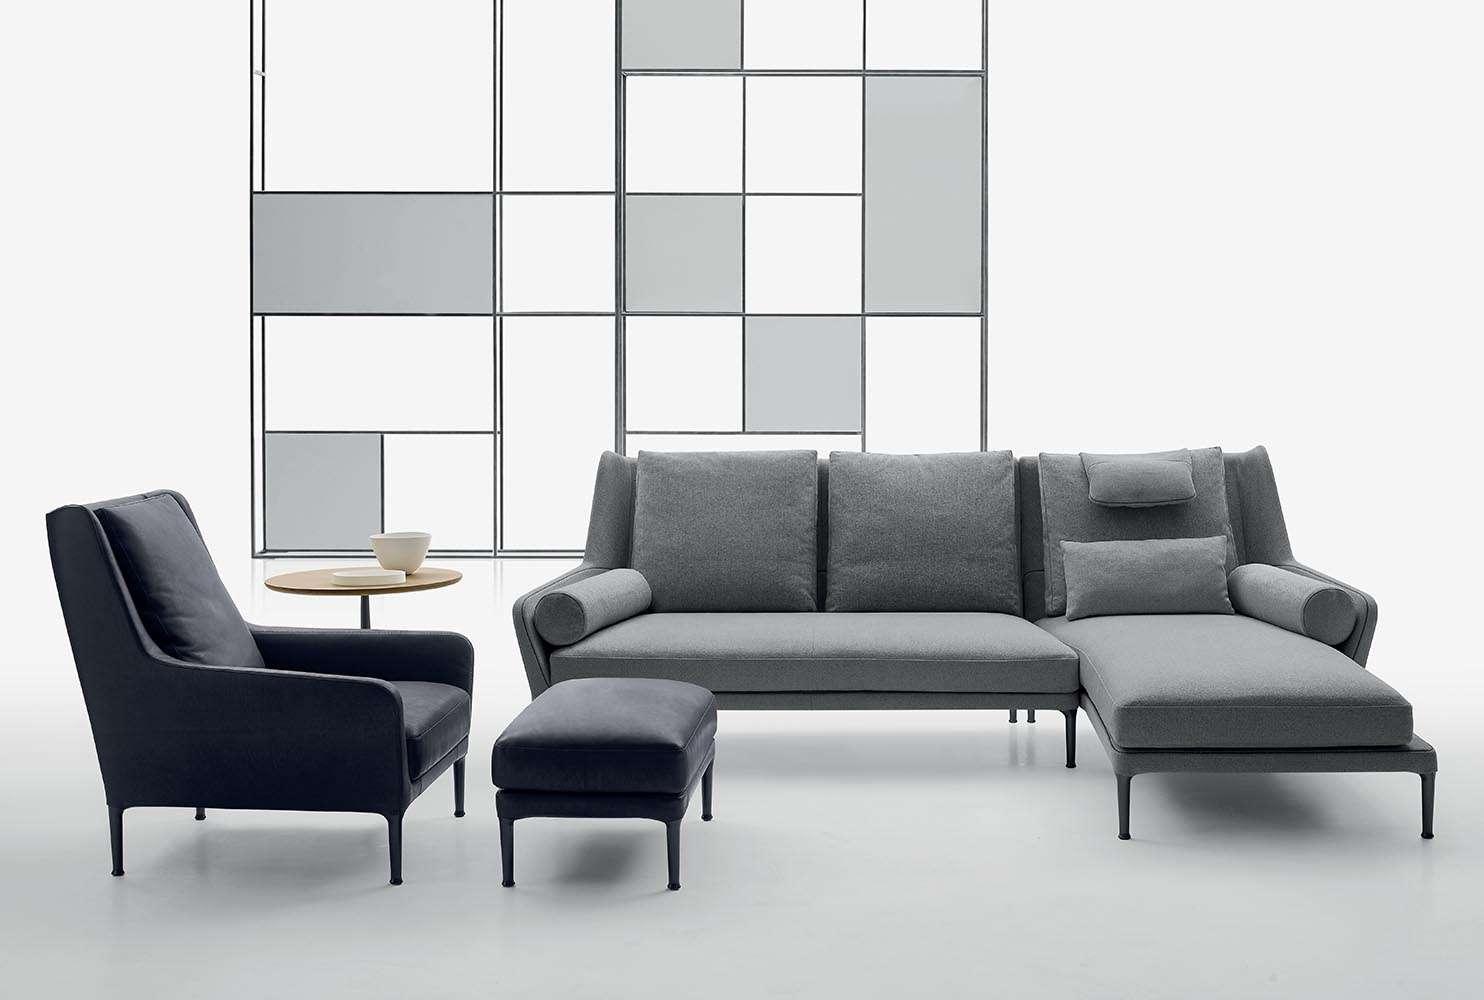 中式 新款升级两人位莫根森Borge三人Mogensen沙发two seater贵妃sofa